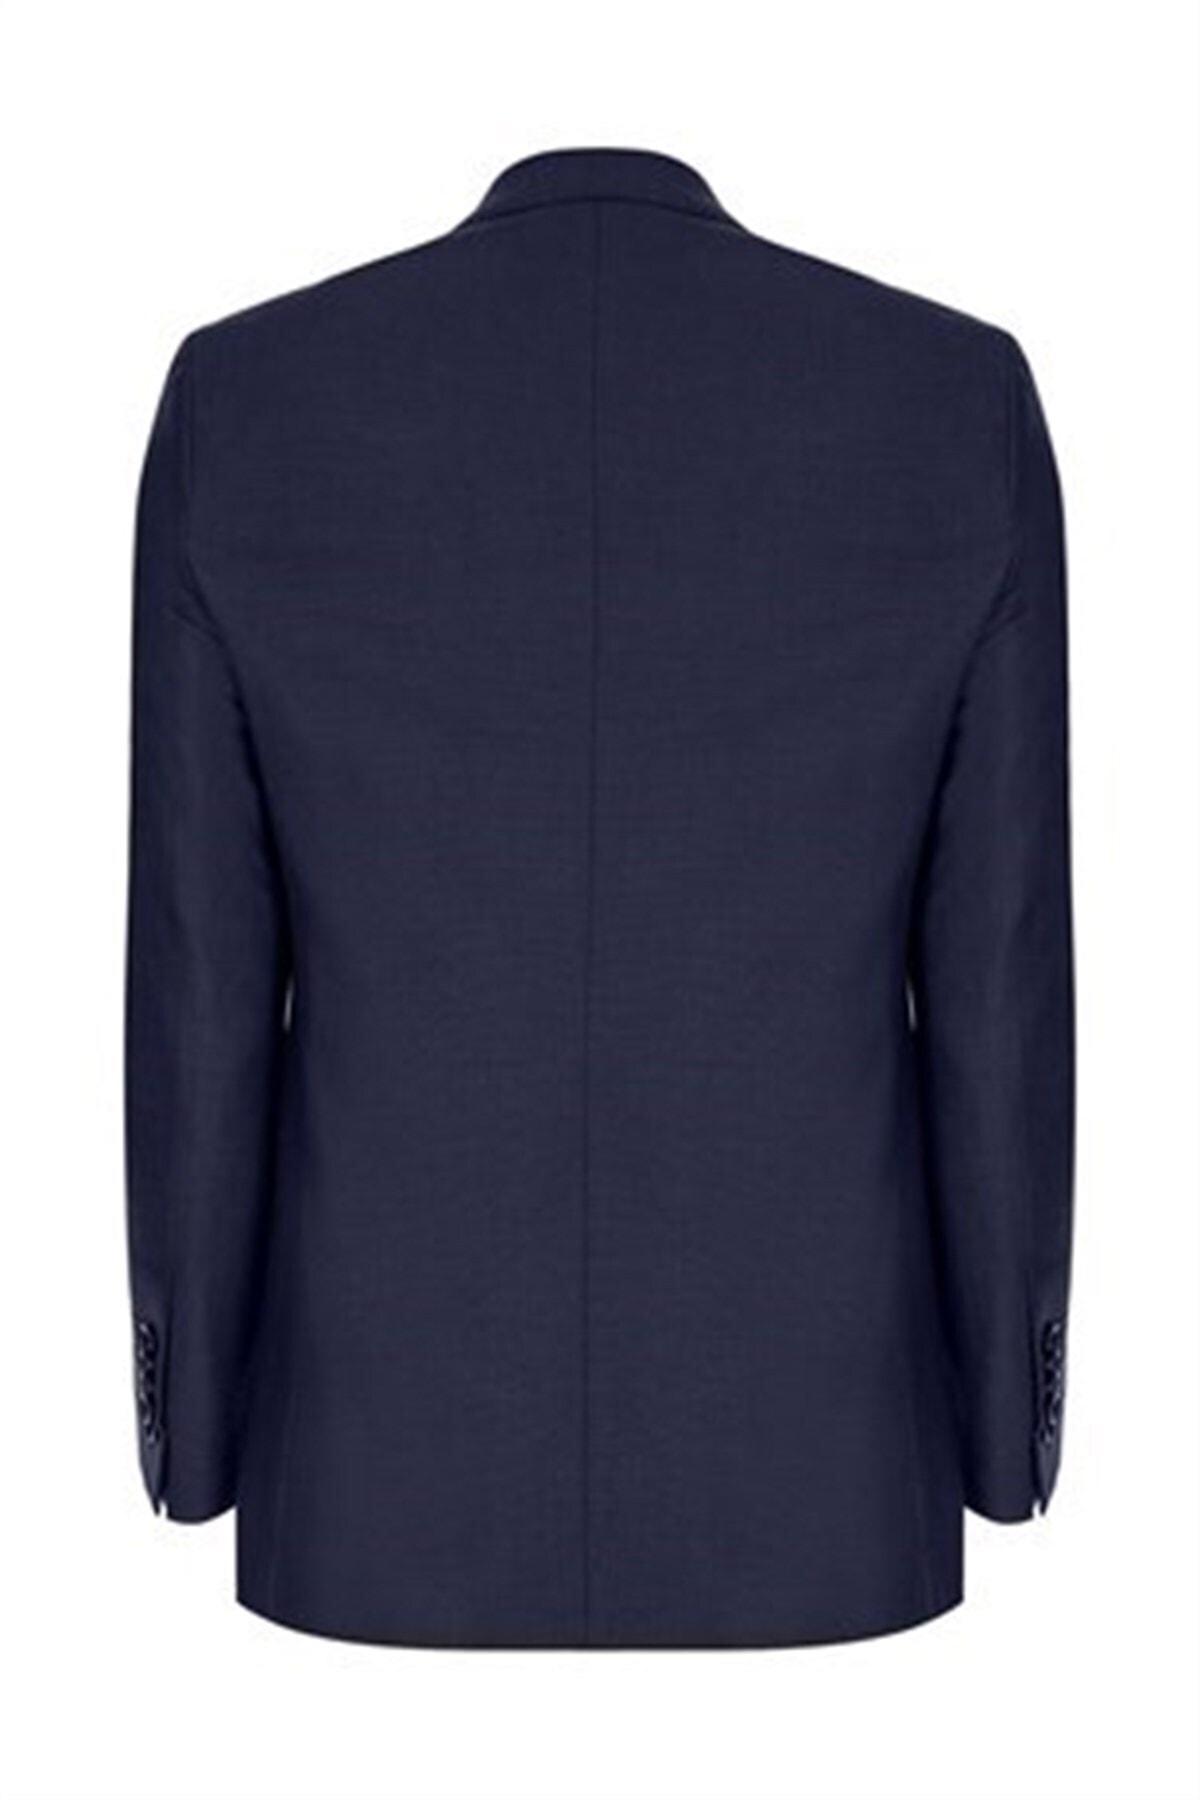 İgs Erkek Lacivert Slım Fıt / Dar Kalıp Std Takım Elbise 2